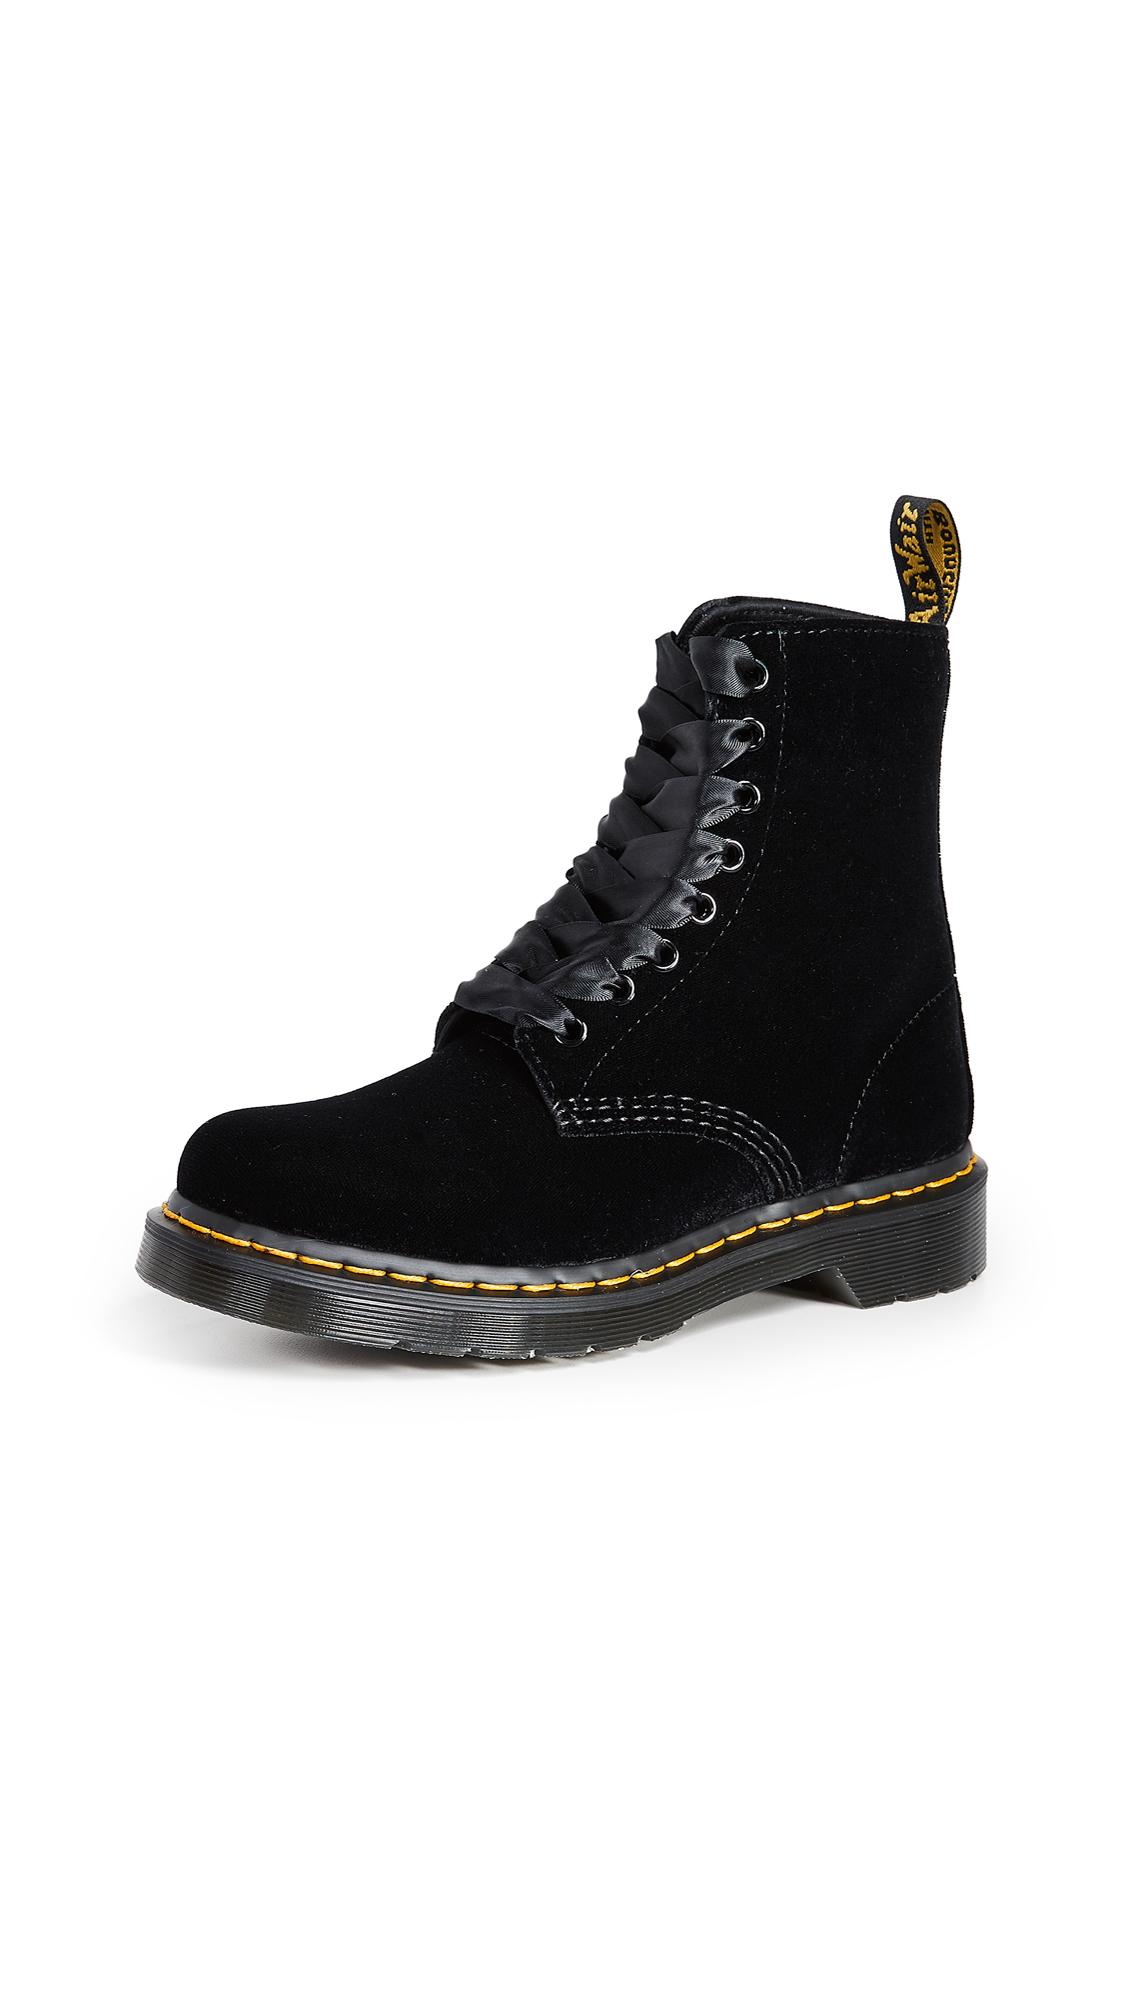 Dr. Martens 1460 Pascal Velvet 8 Eye Boots - Black